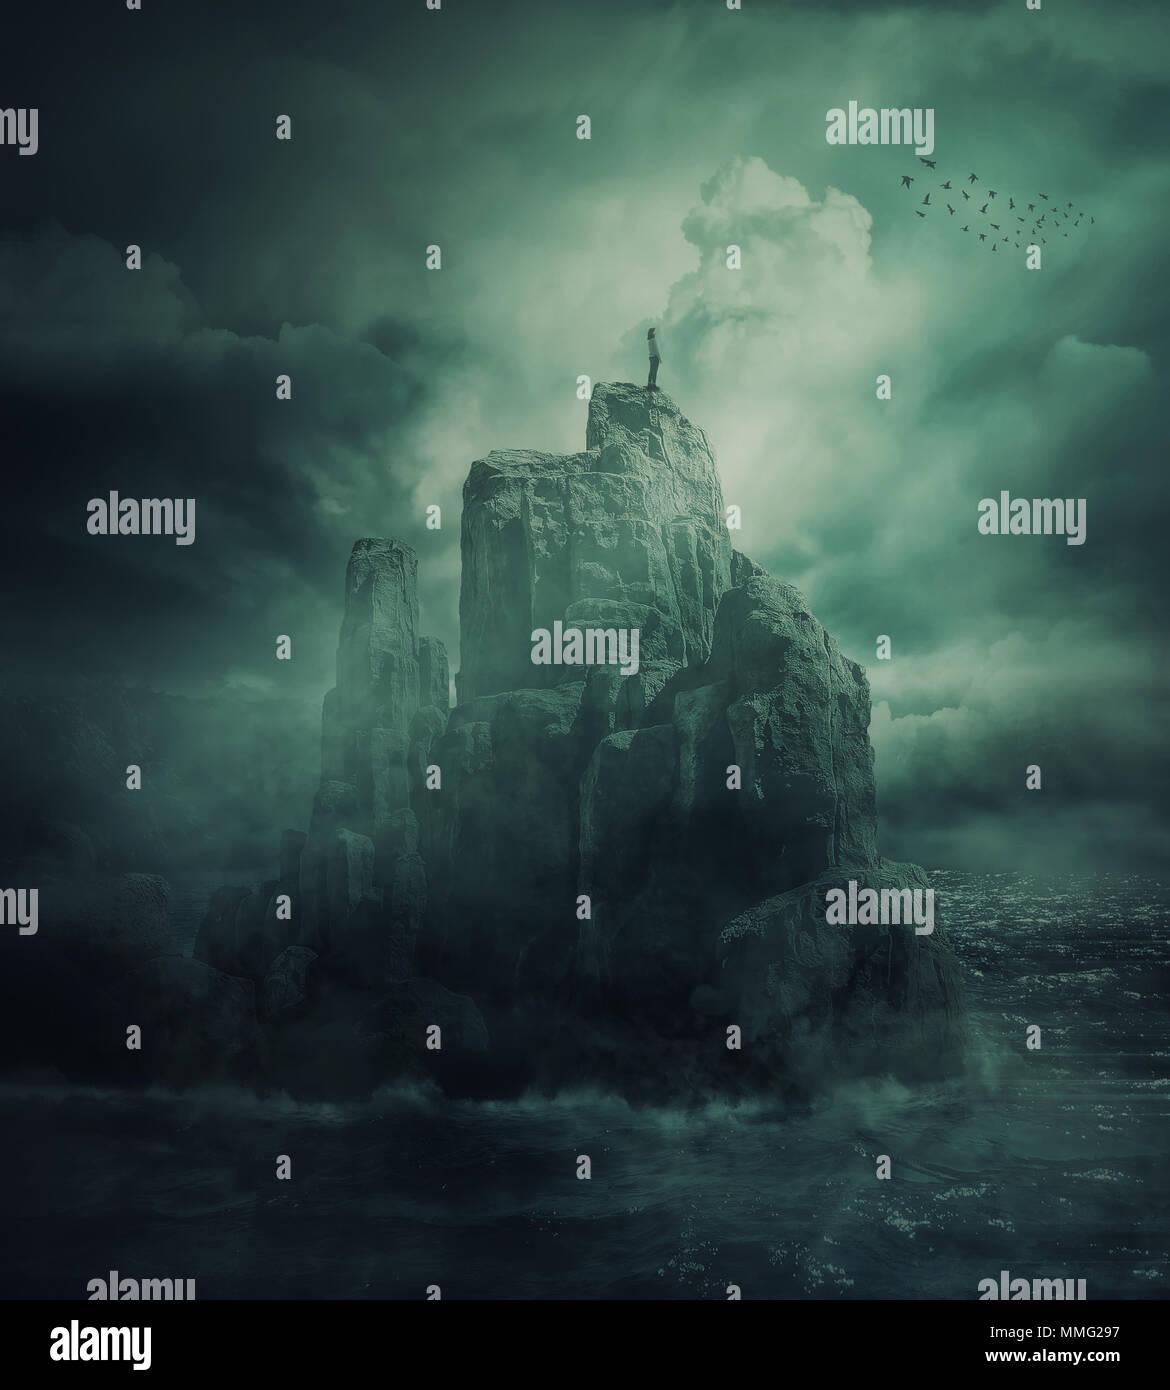 Surreale Ansicht als ein einsames Mädchen stehen auf der Spitze einer Klippe umgeben vom Meer Wasser beobachten einen Schwarm Vögel fliegen. Riskant, Meditation, Metapher für Co Stockbild